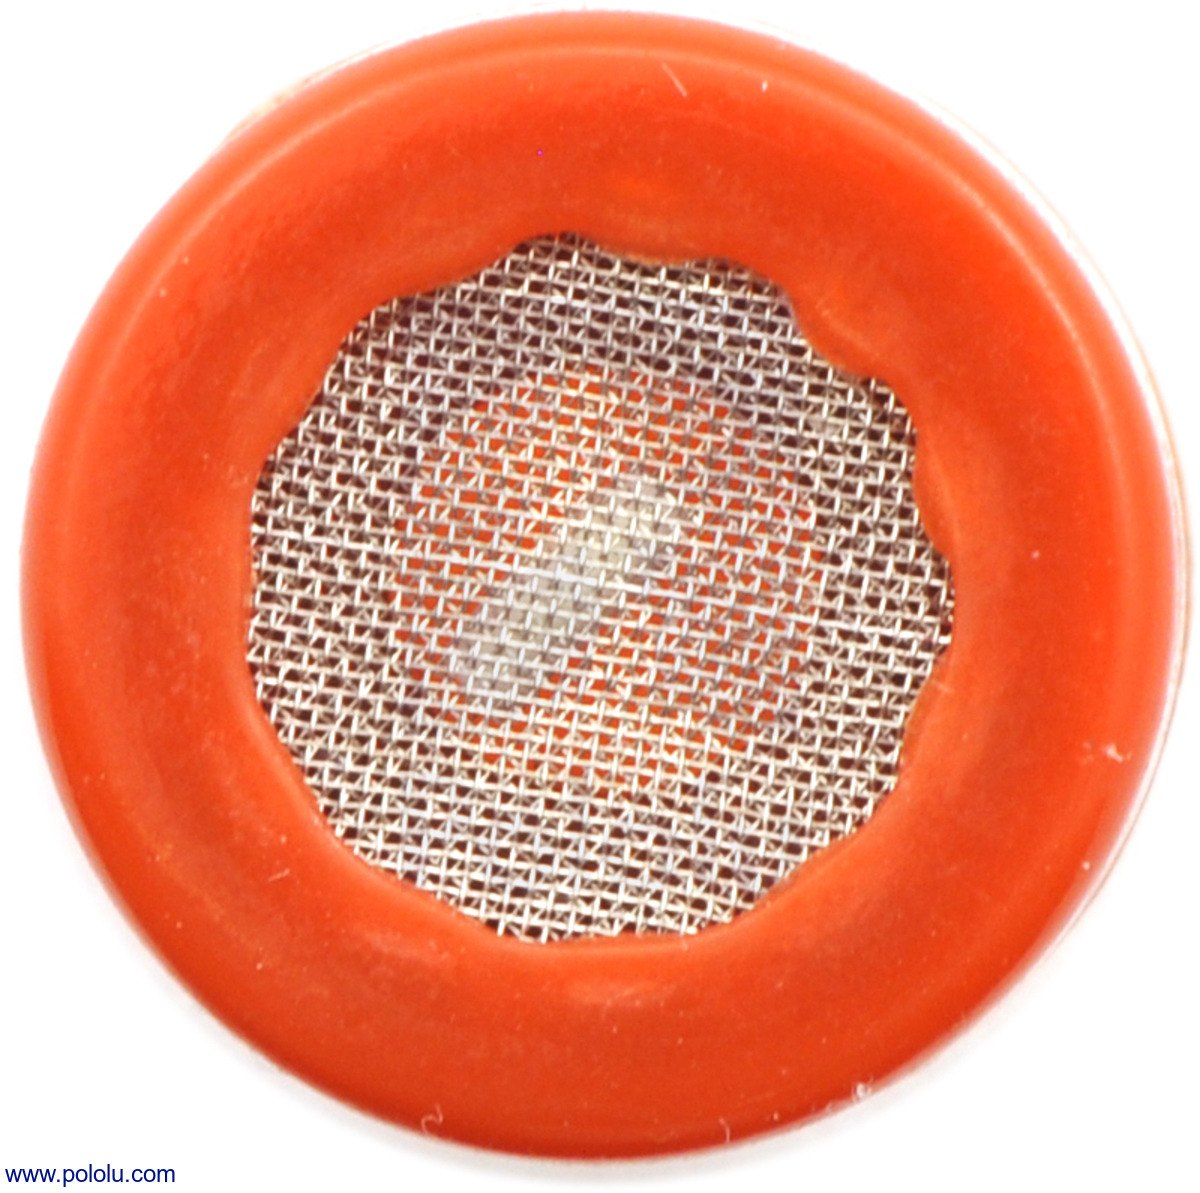 Doppelte Zahnspange//Einzelne Zahnspange Sportmundschutz f/ür Fu/ßball Boxen Basketball Lacrosse MMA Hockey optional Explopur Erwachsene Zahnspange Mundschutz